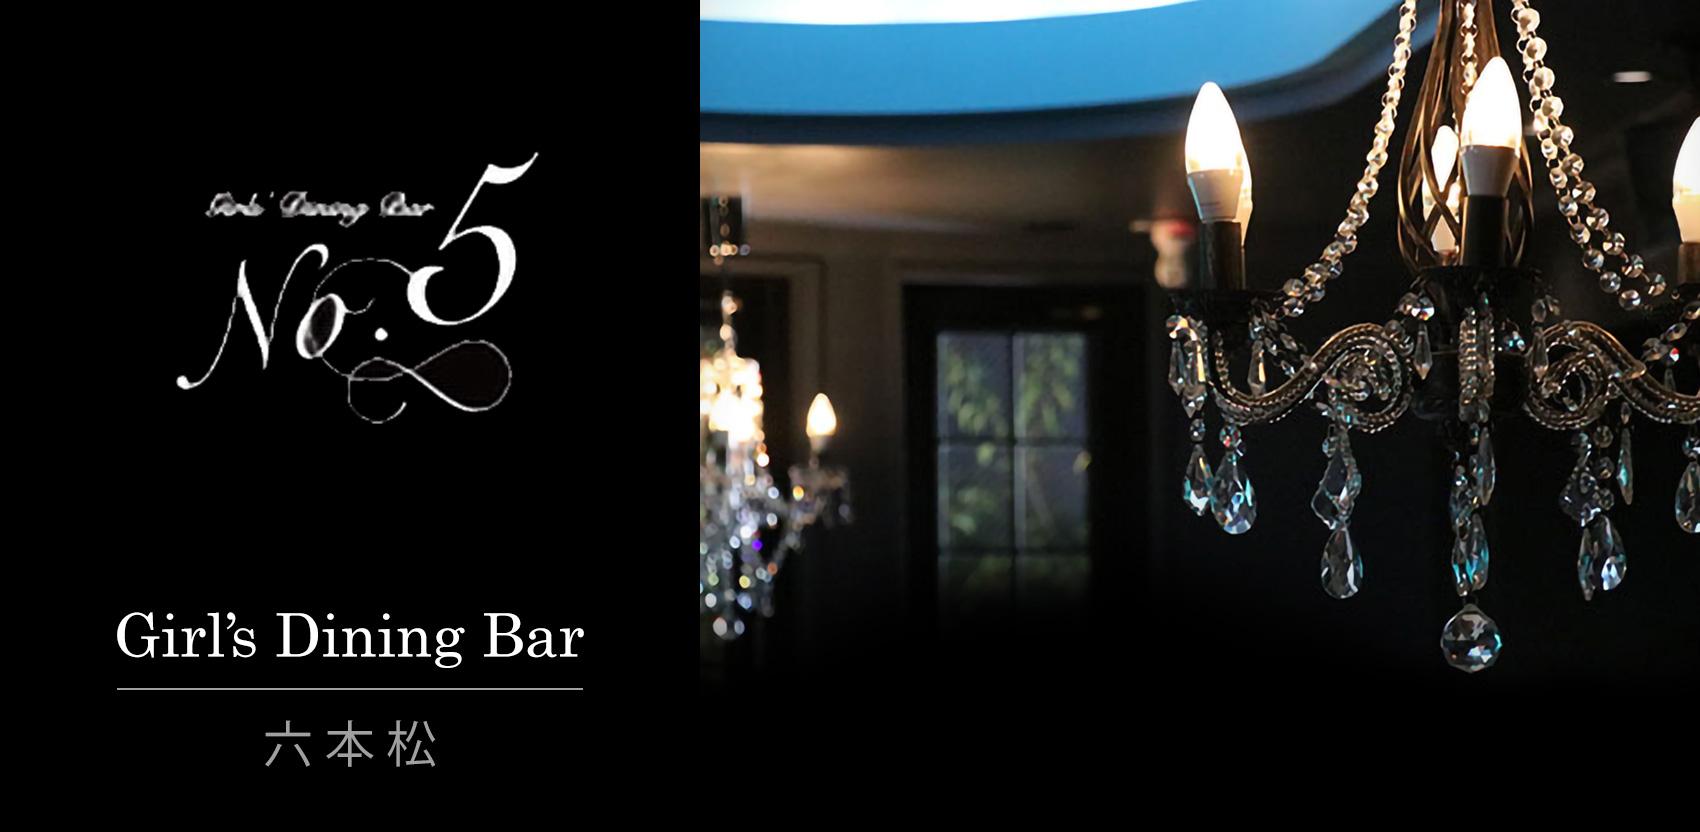 [六本松] Girl's Dining Bar No.5 (ガールズダイニングバー・ナンバーファイブ)